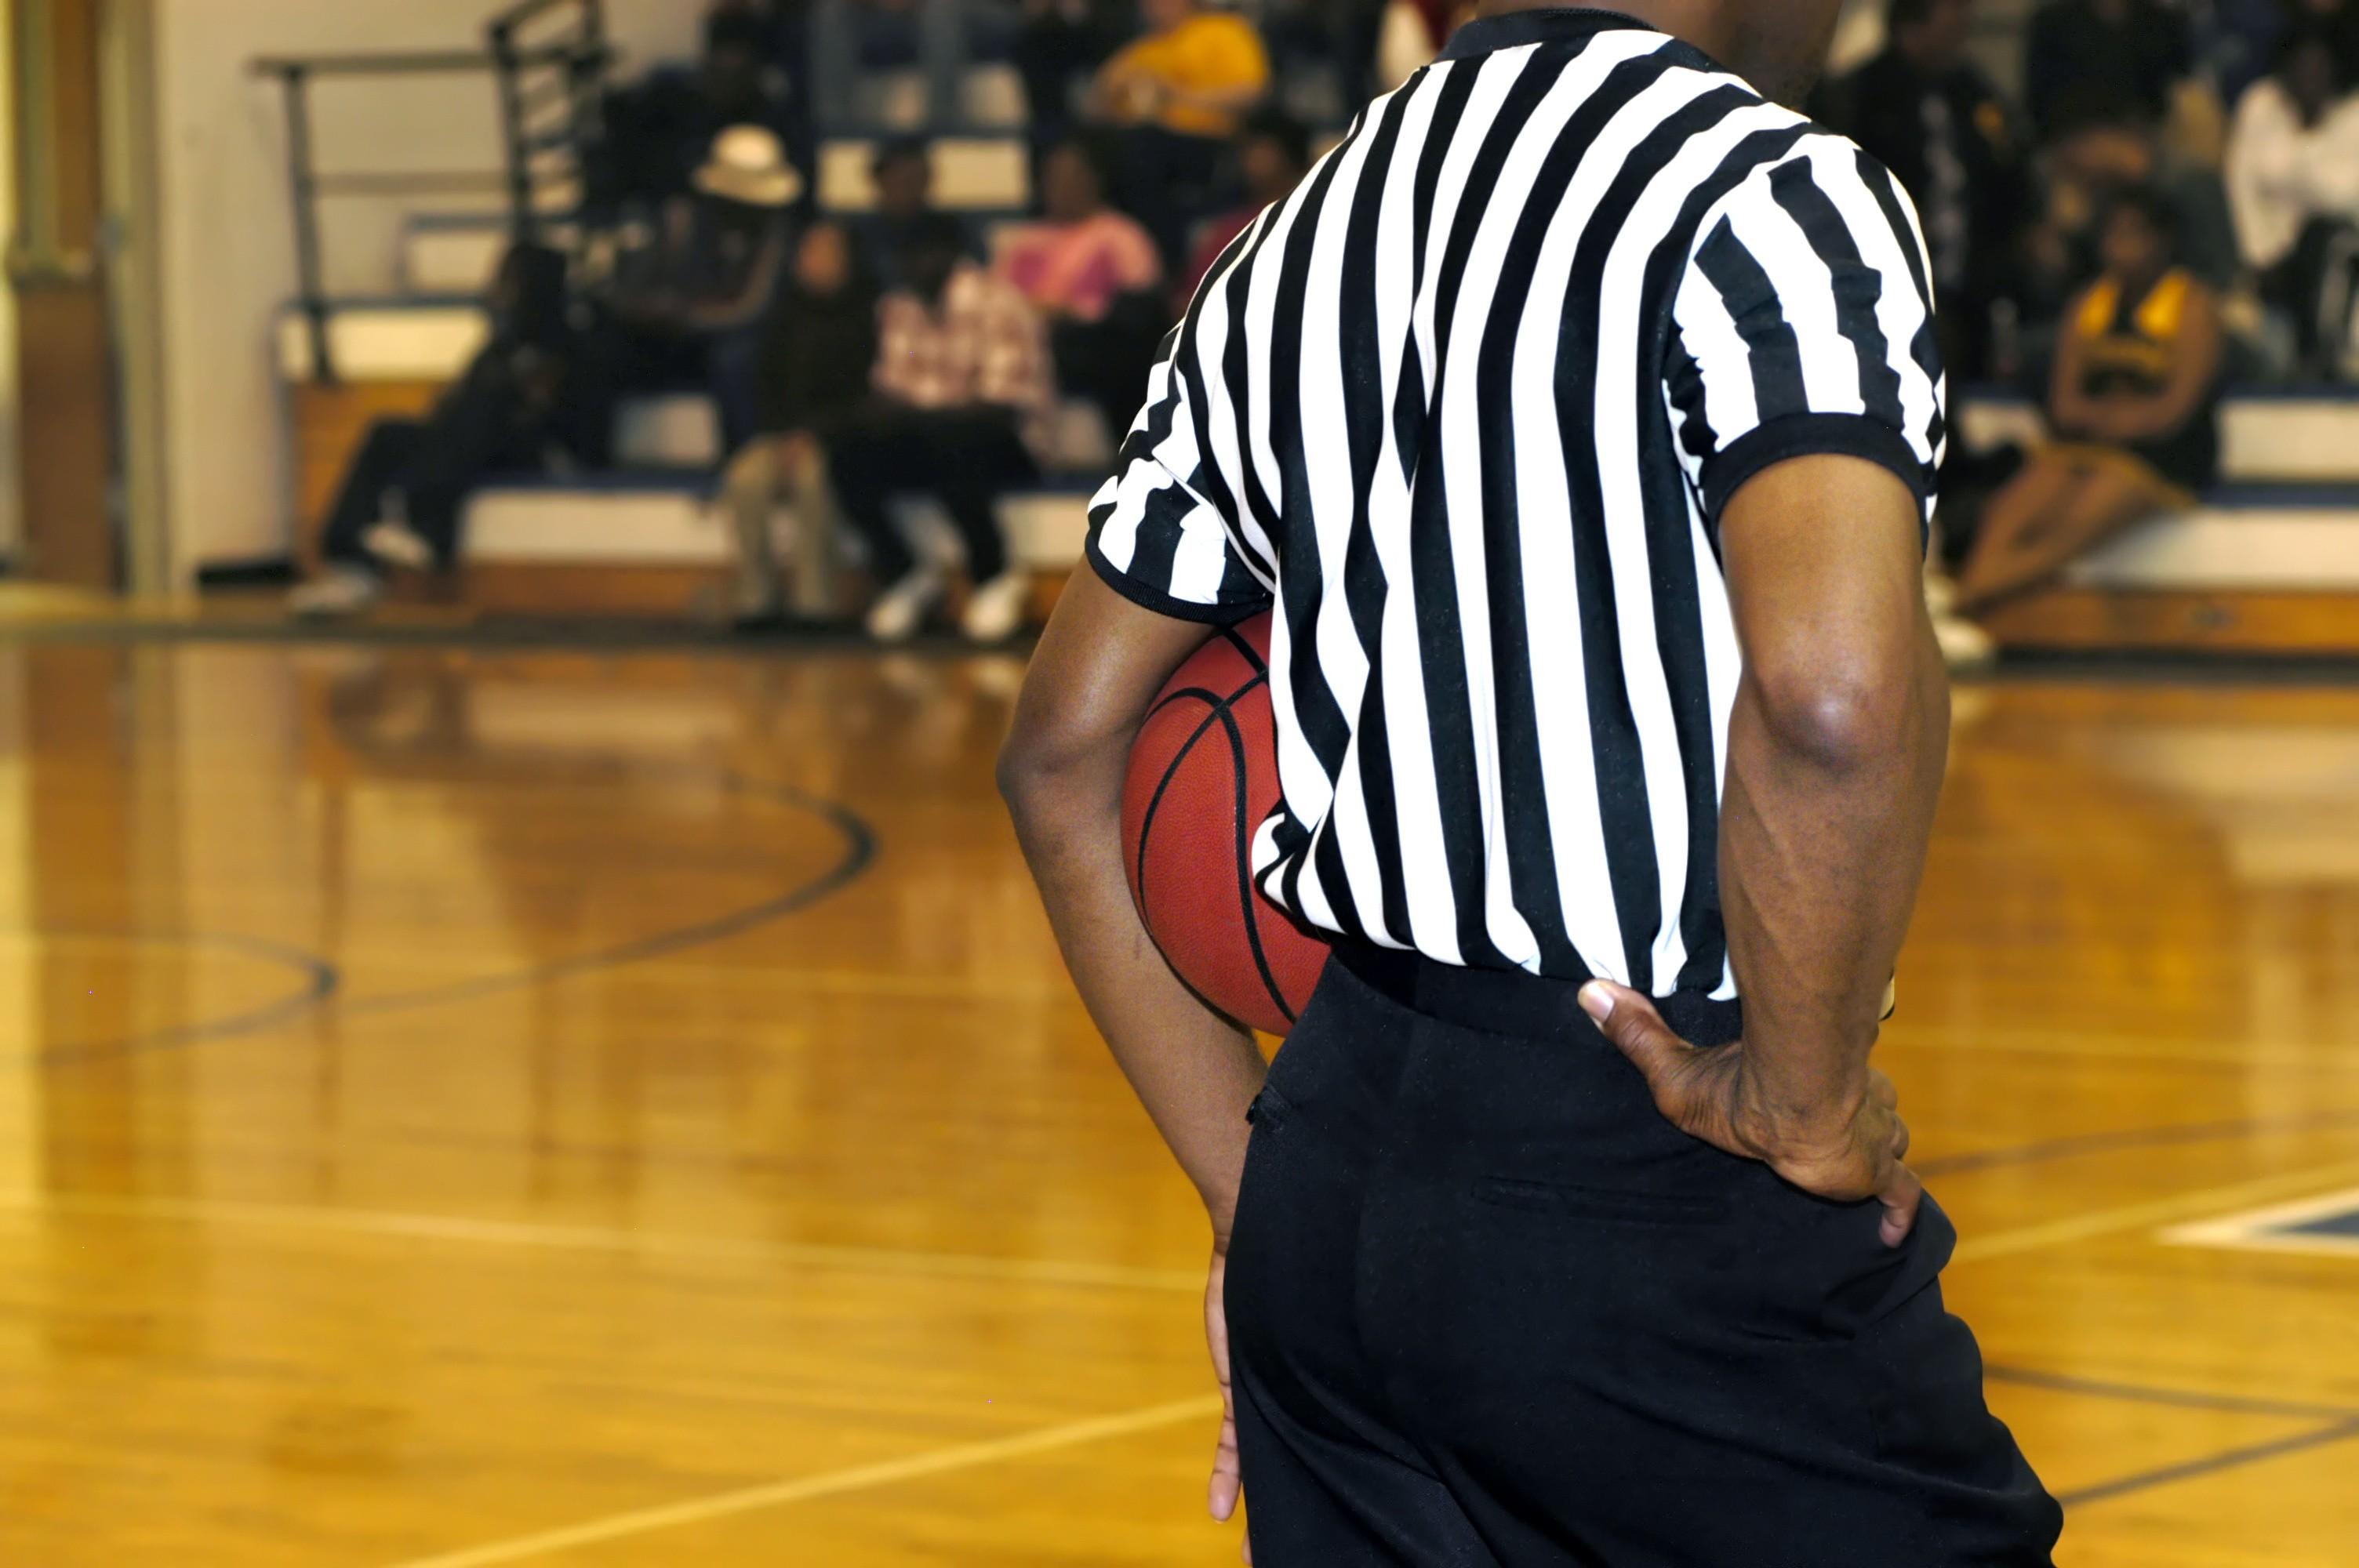 Quelles sont les particularités d'un arbitre de basket-ball ?